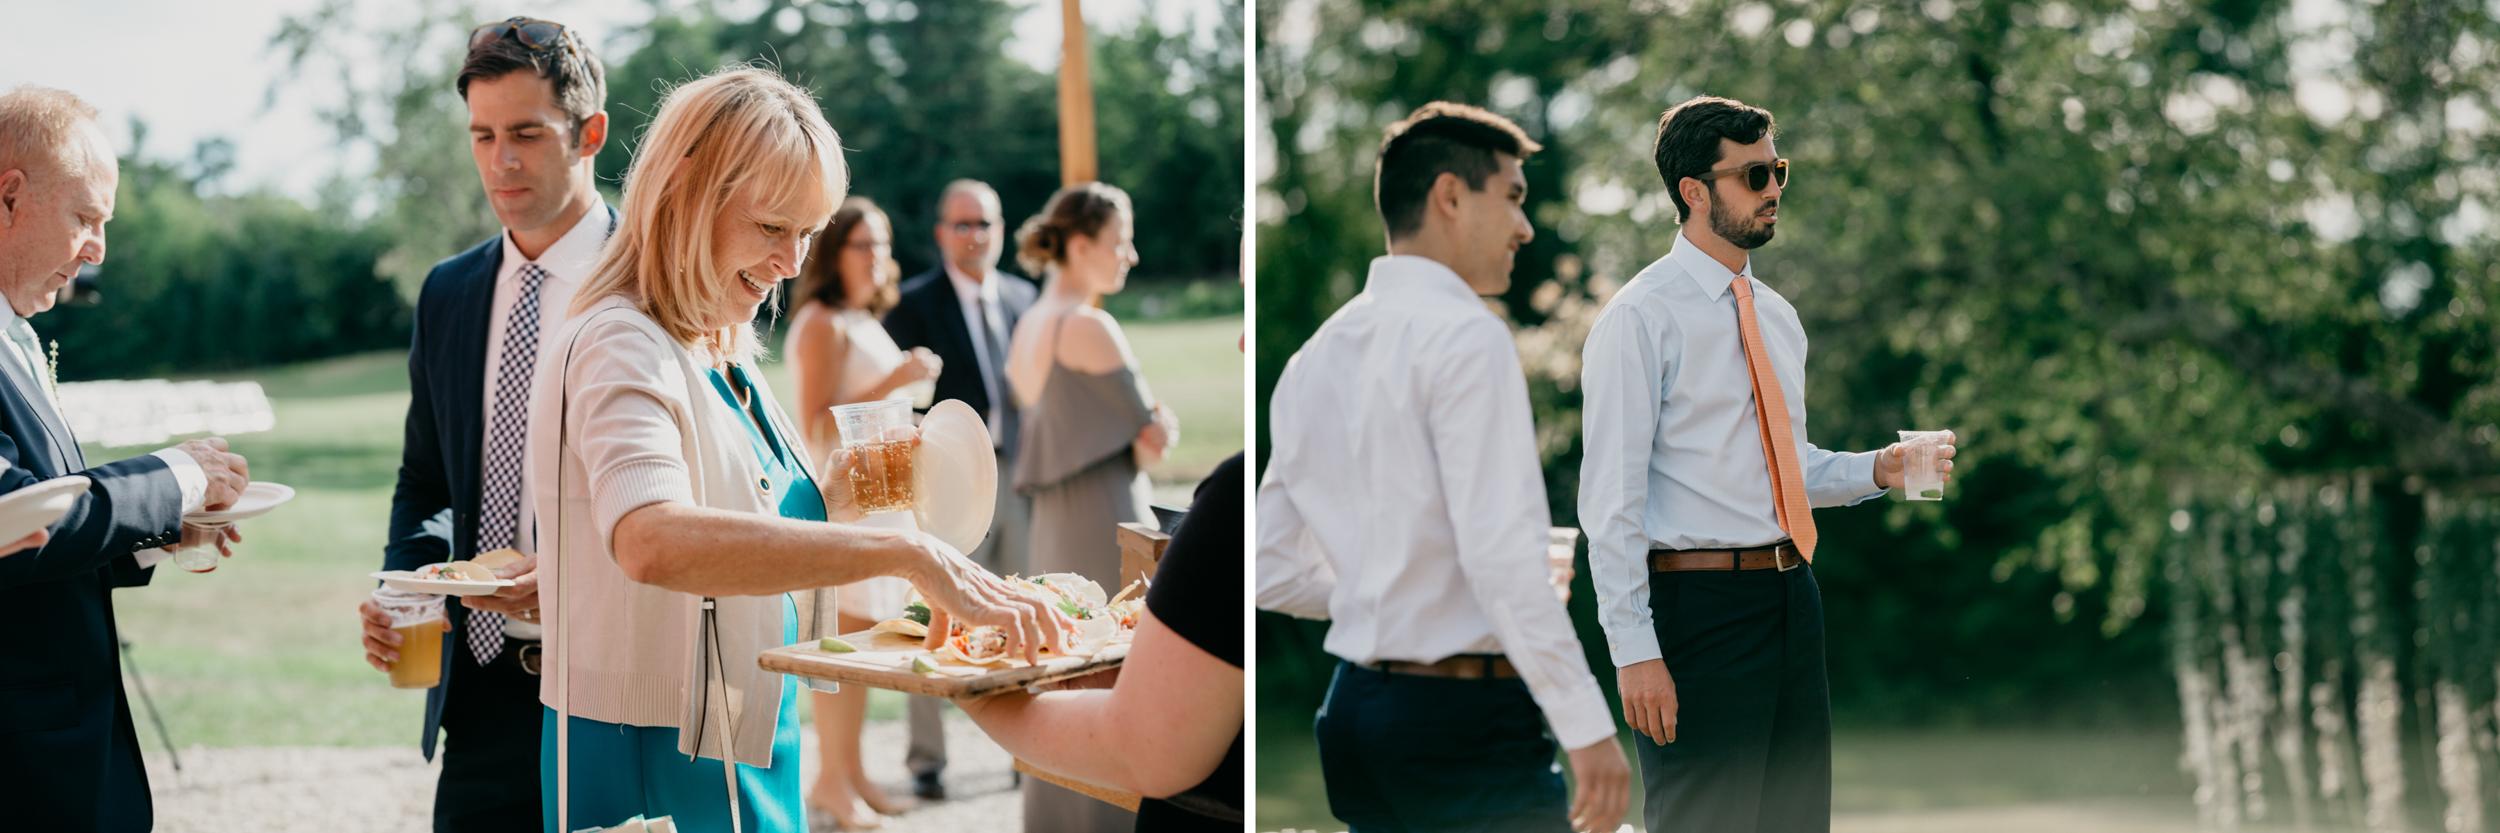 Jessie_Erik_Pownal_Maine_Wedding_William_allen_farm_034.jpg